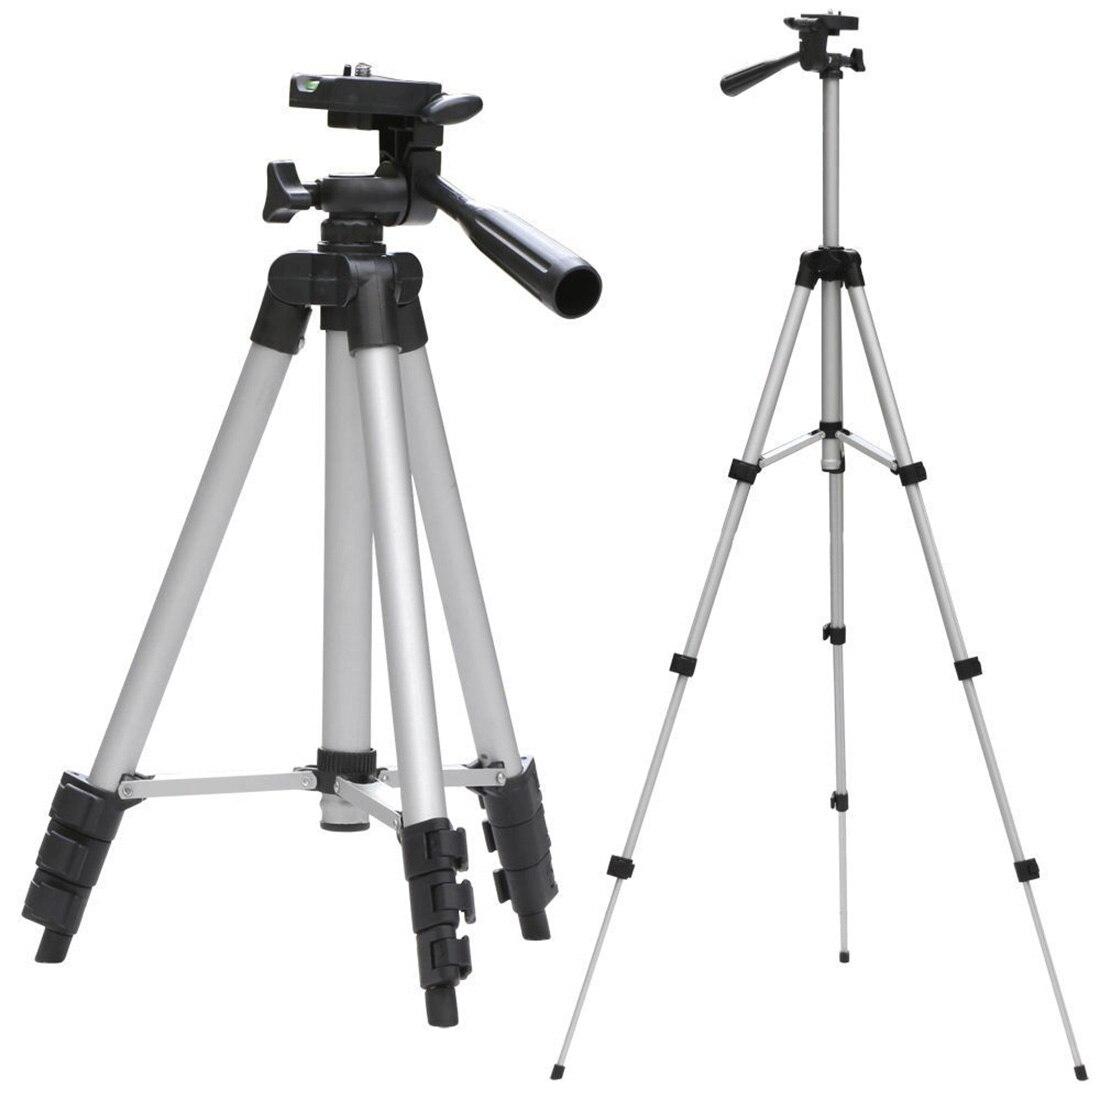 киндер какой штатив лучше выбрать для фотоаппарата обои помеченные